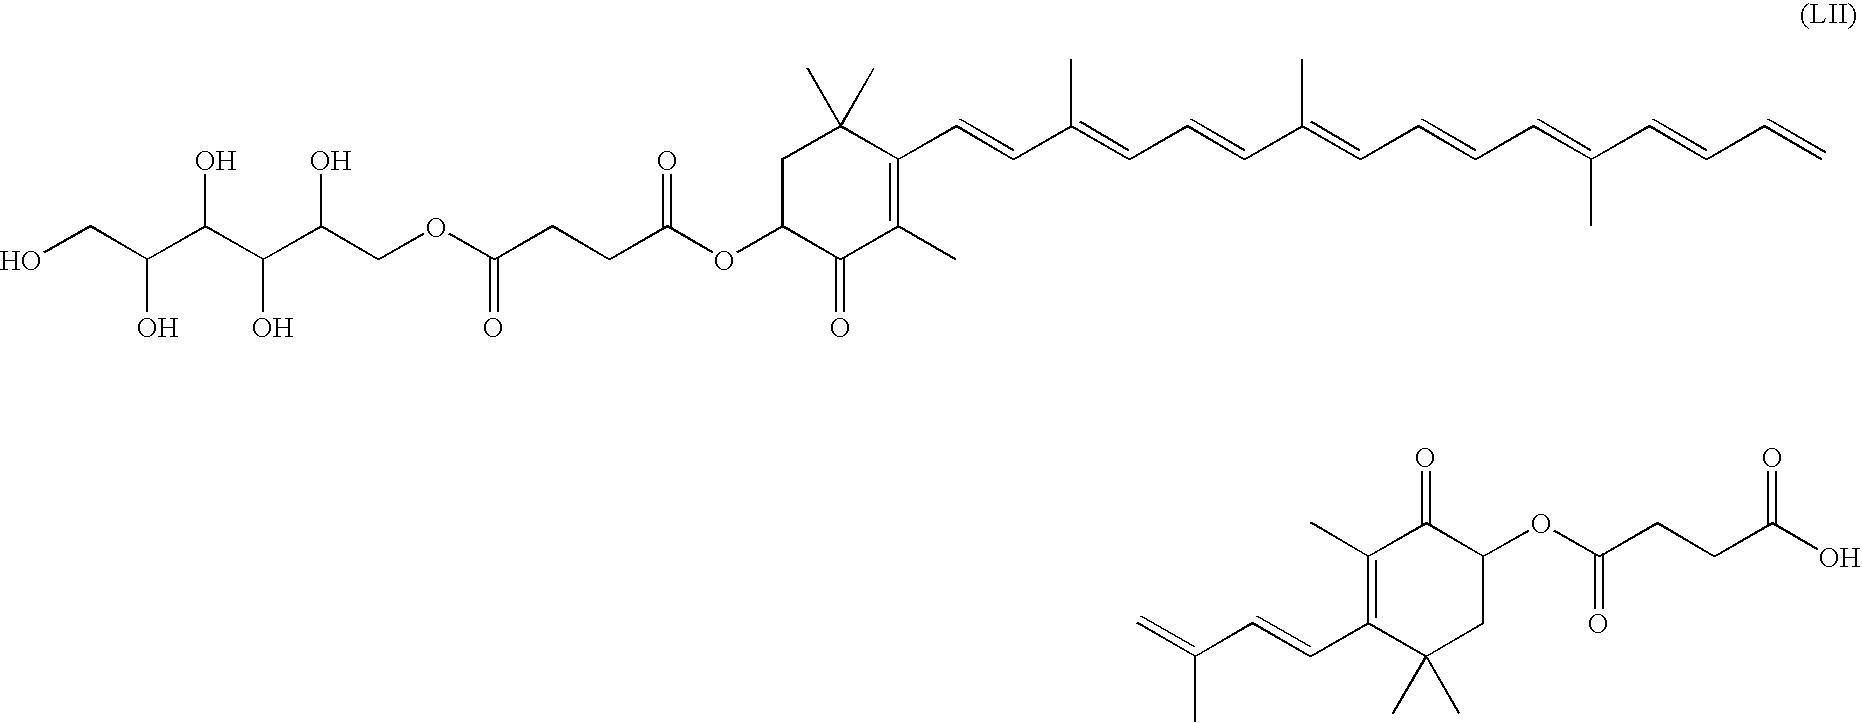 Figure US07320997-20080122-C00076